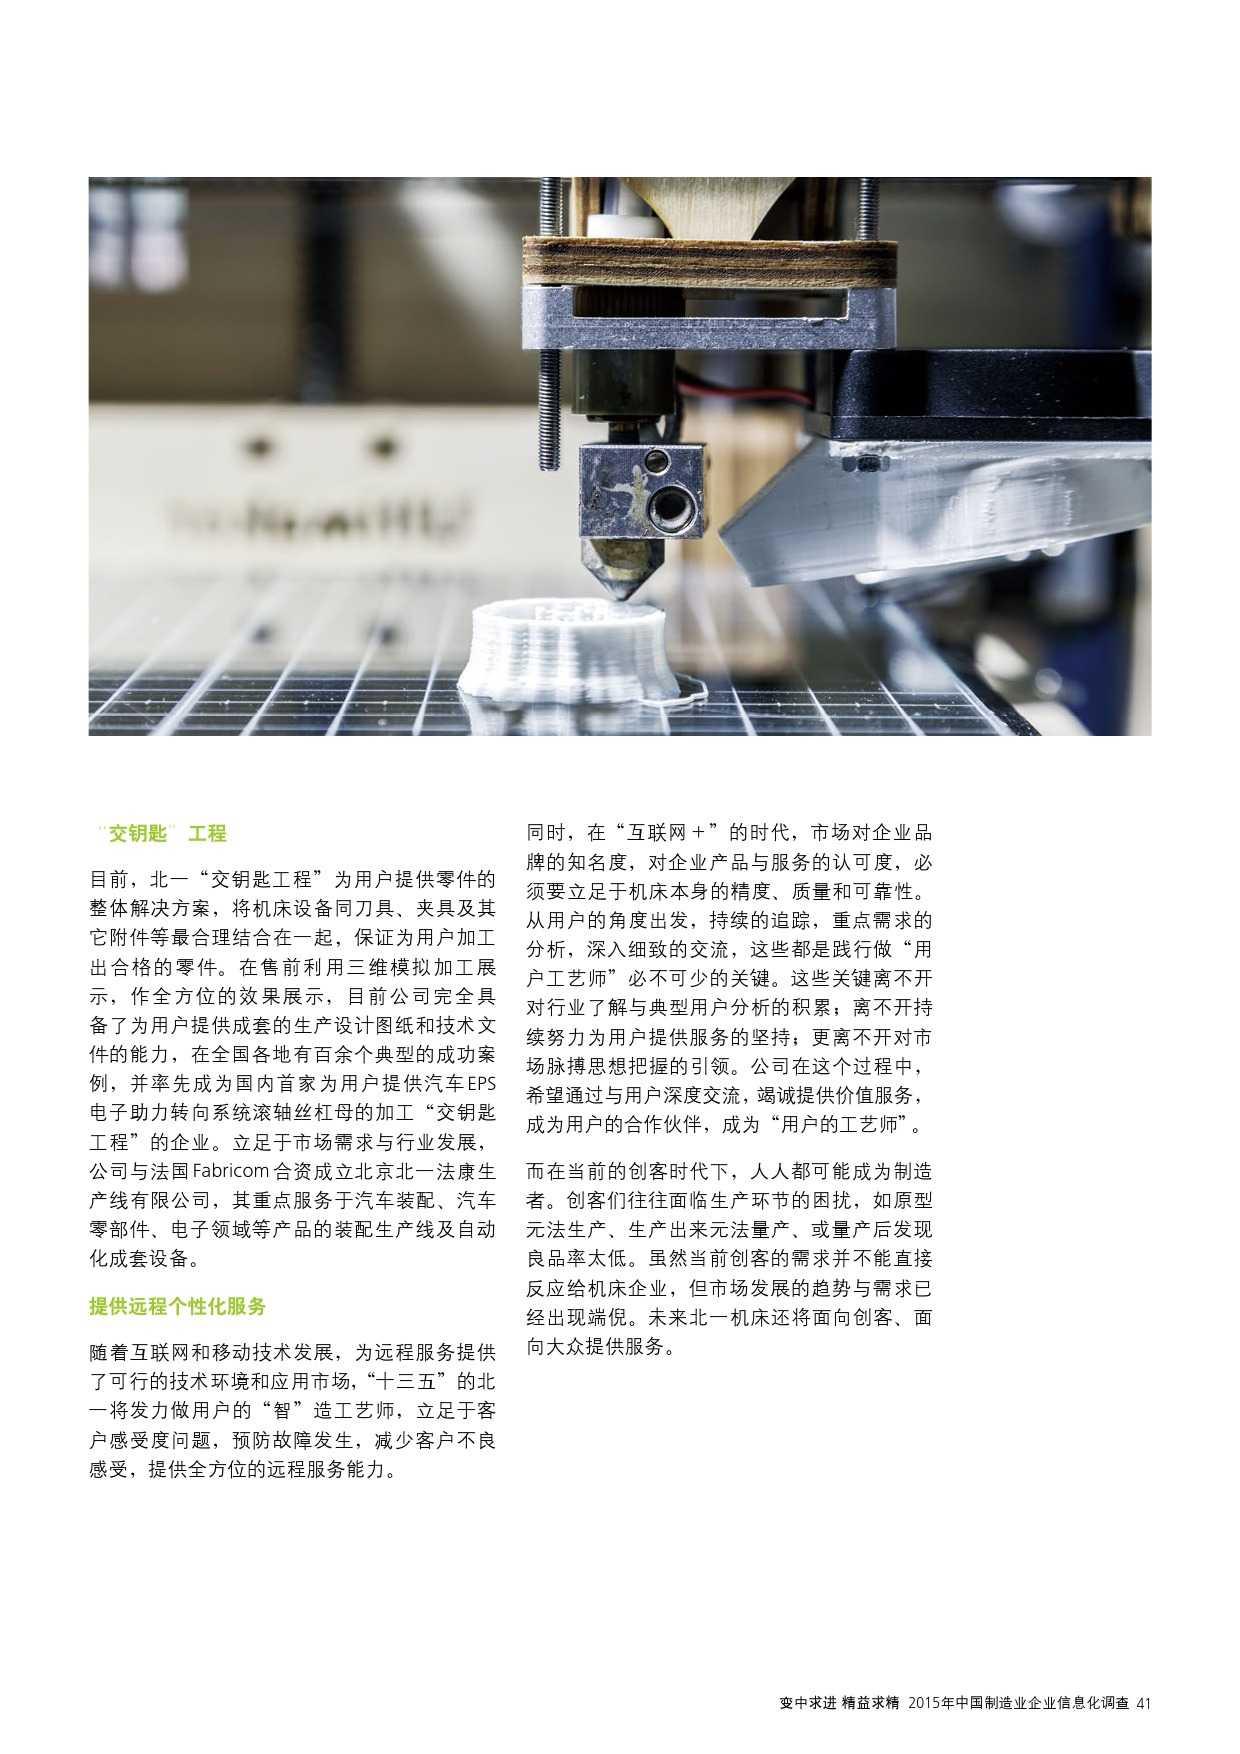 2015年中国制造业企业信息化调查_000043